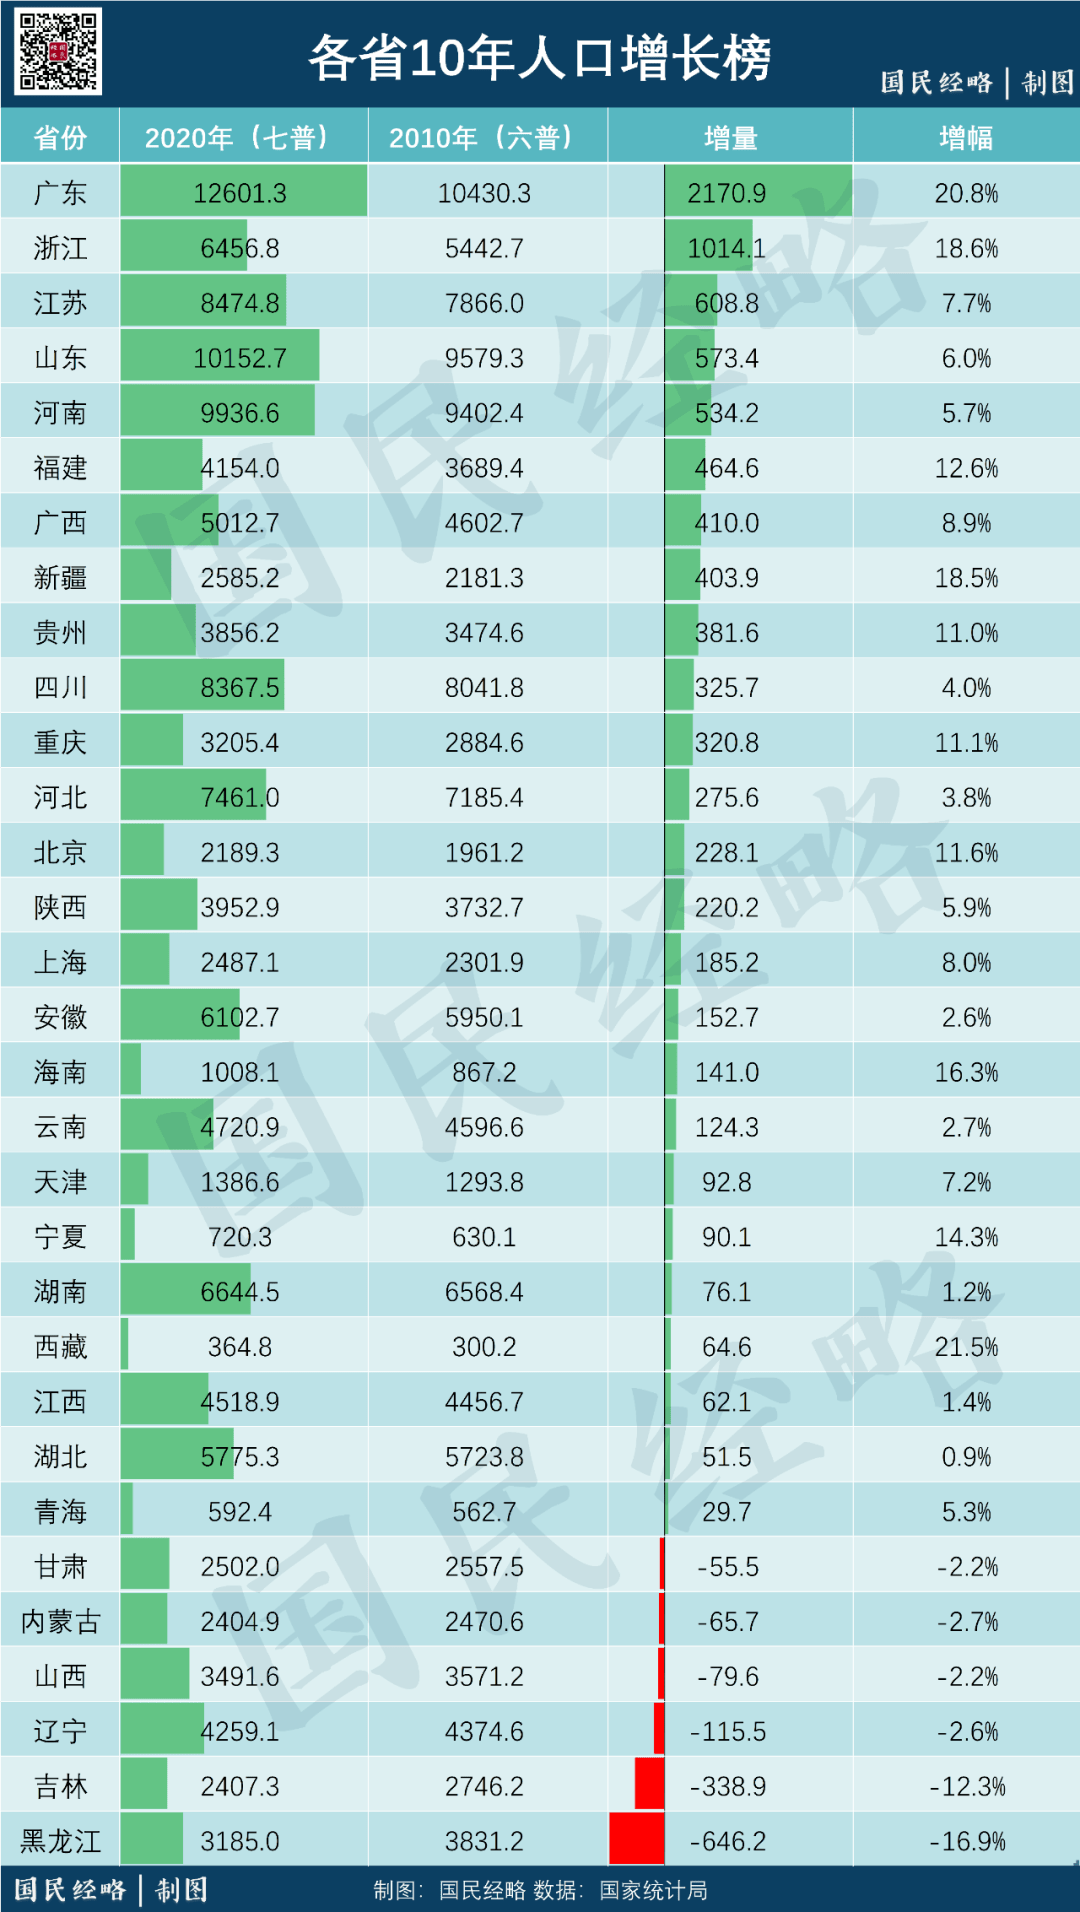 人口上亿的省份_经济稳居中国第三的省 人口净流出却全国最严重,GDP暴跌5402亿